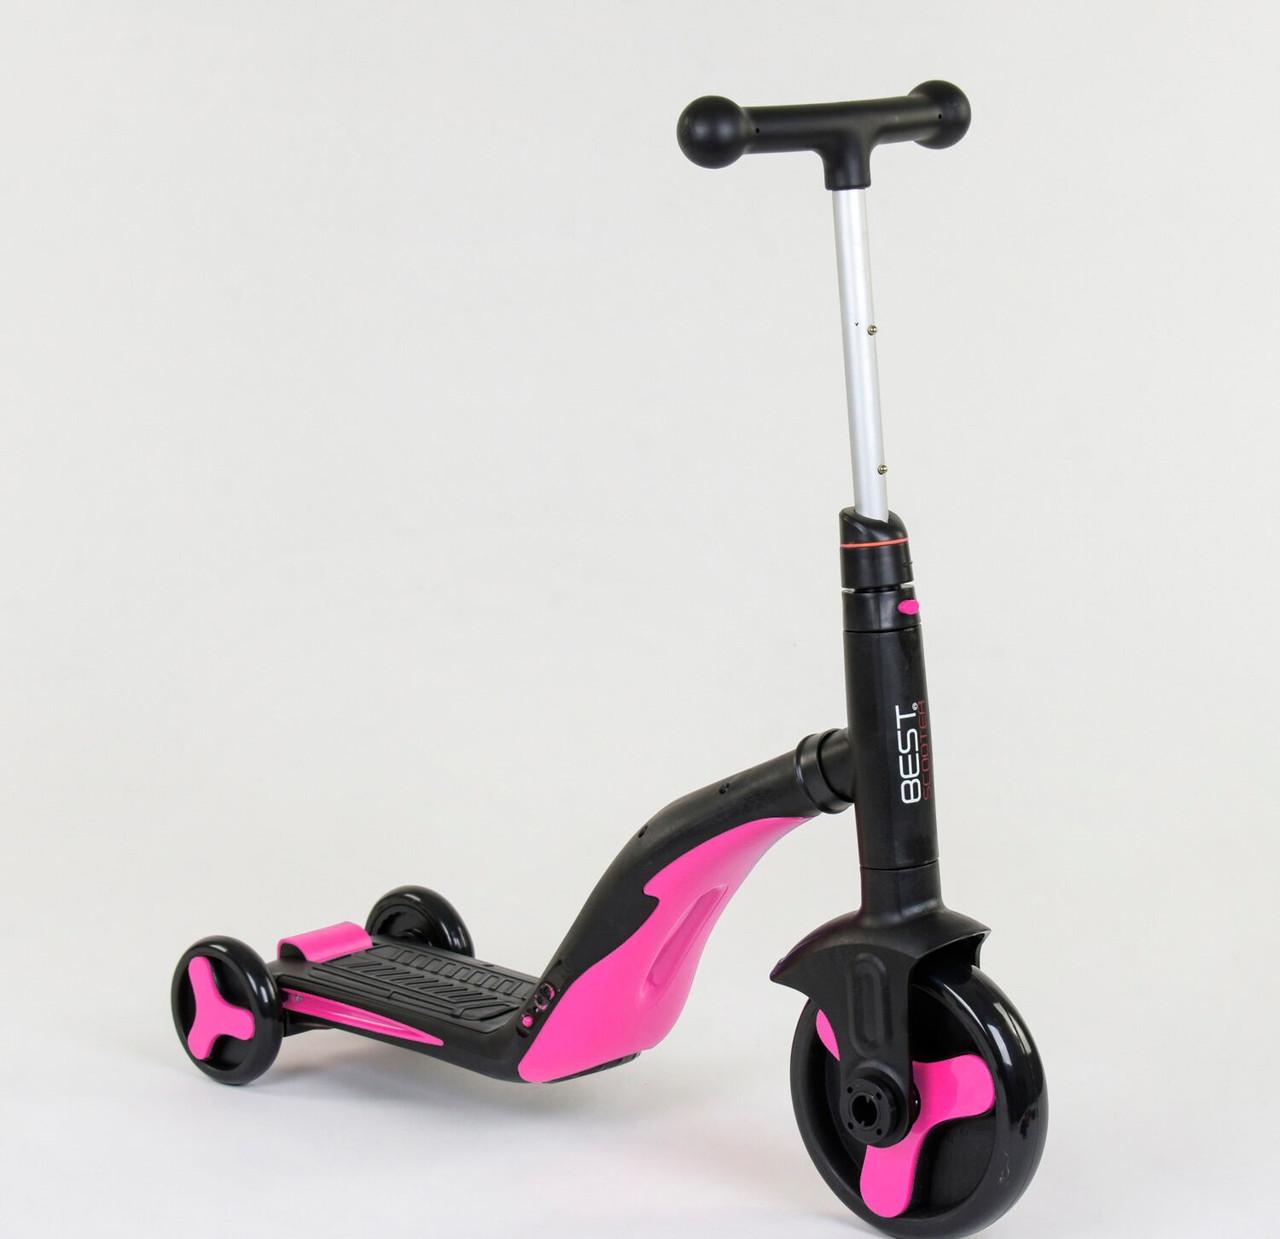 Самокат Best scooter розовый S868 3 в 1 с подсветкой и музыкой